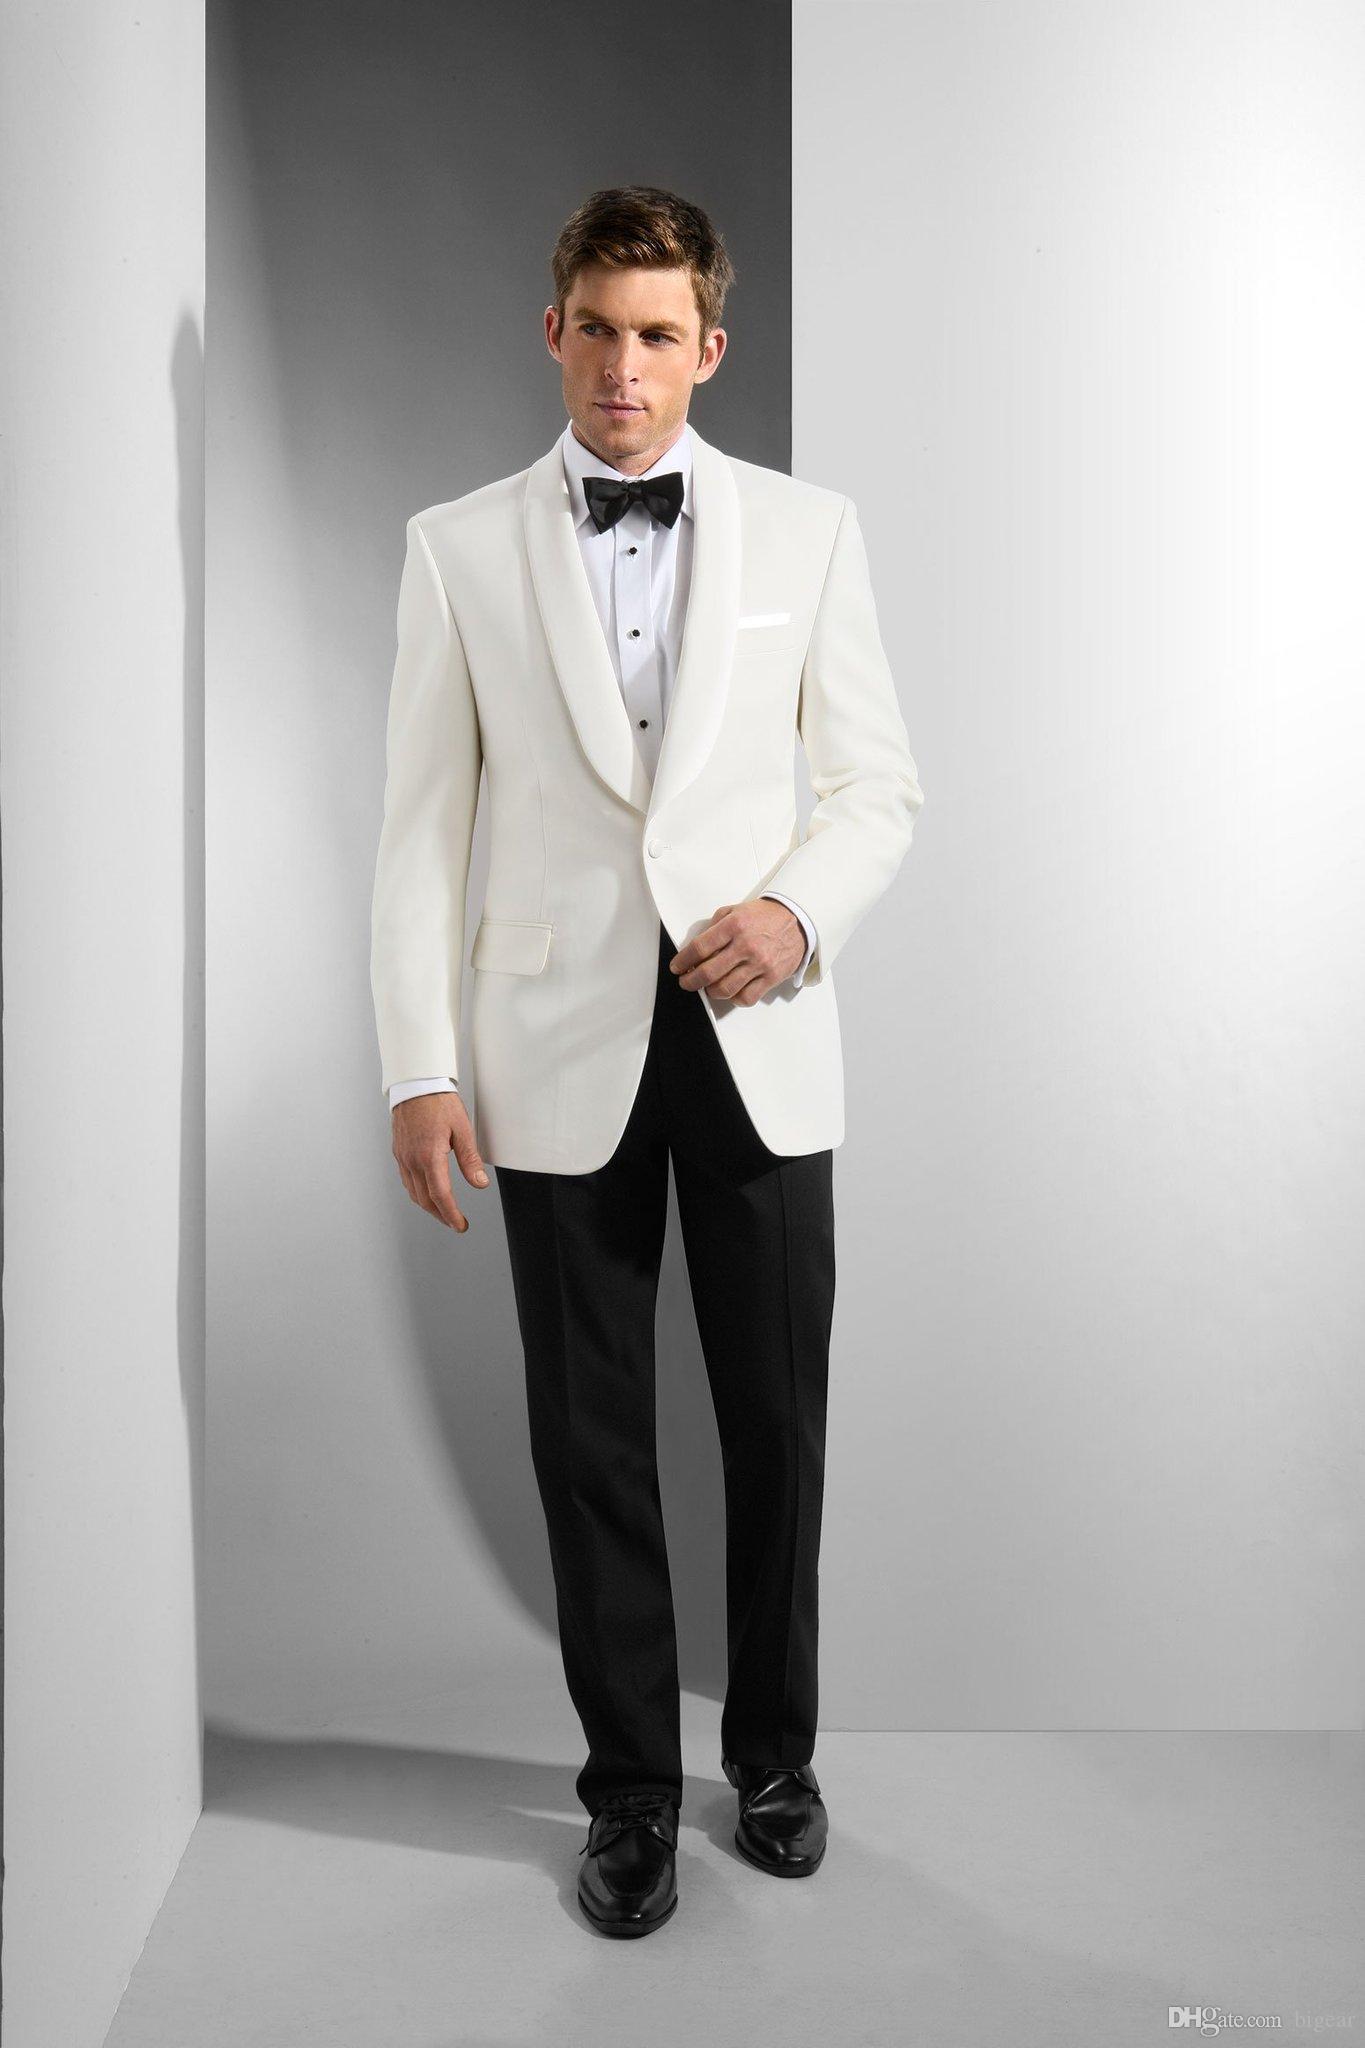 Esmoquin de boda para el novio Padrinos de boda con solapa chal Marfil Chaqueta Blazer Pantalones negros para hombres Cena formal Ocasiones de fiesta Trajes de fiesta por encargo